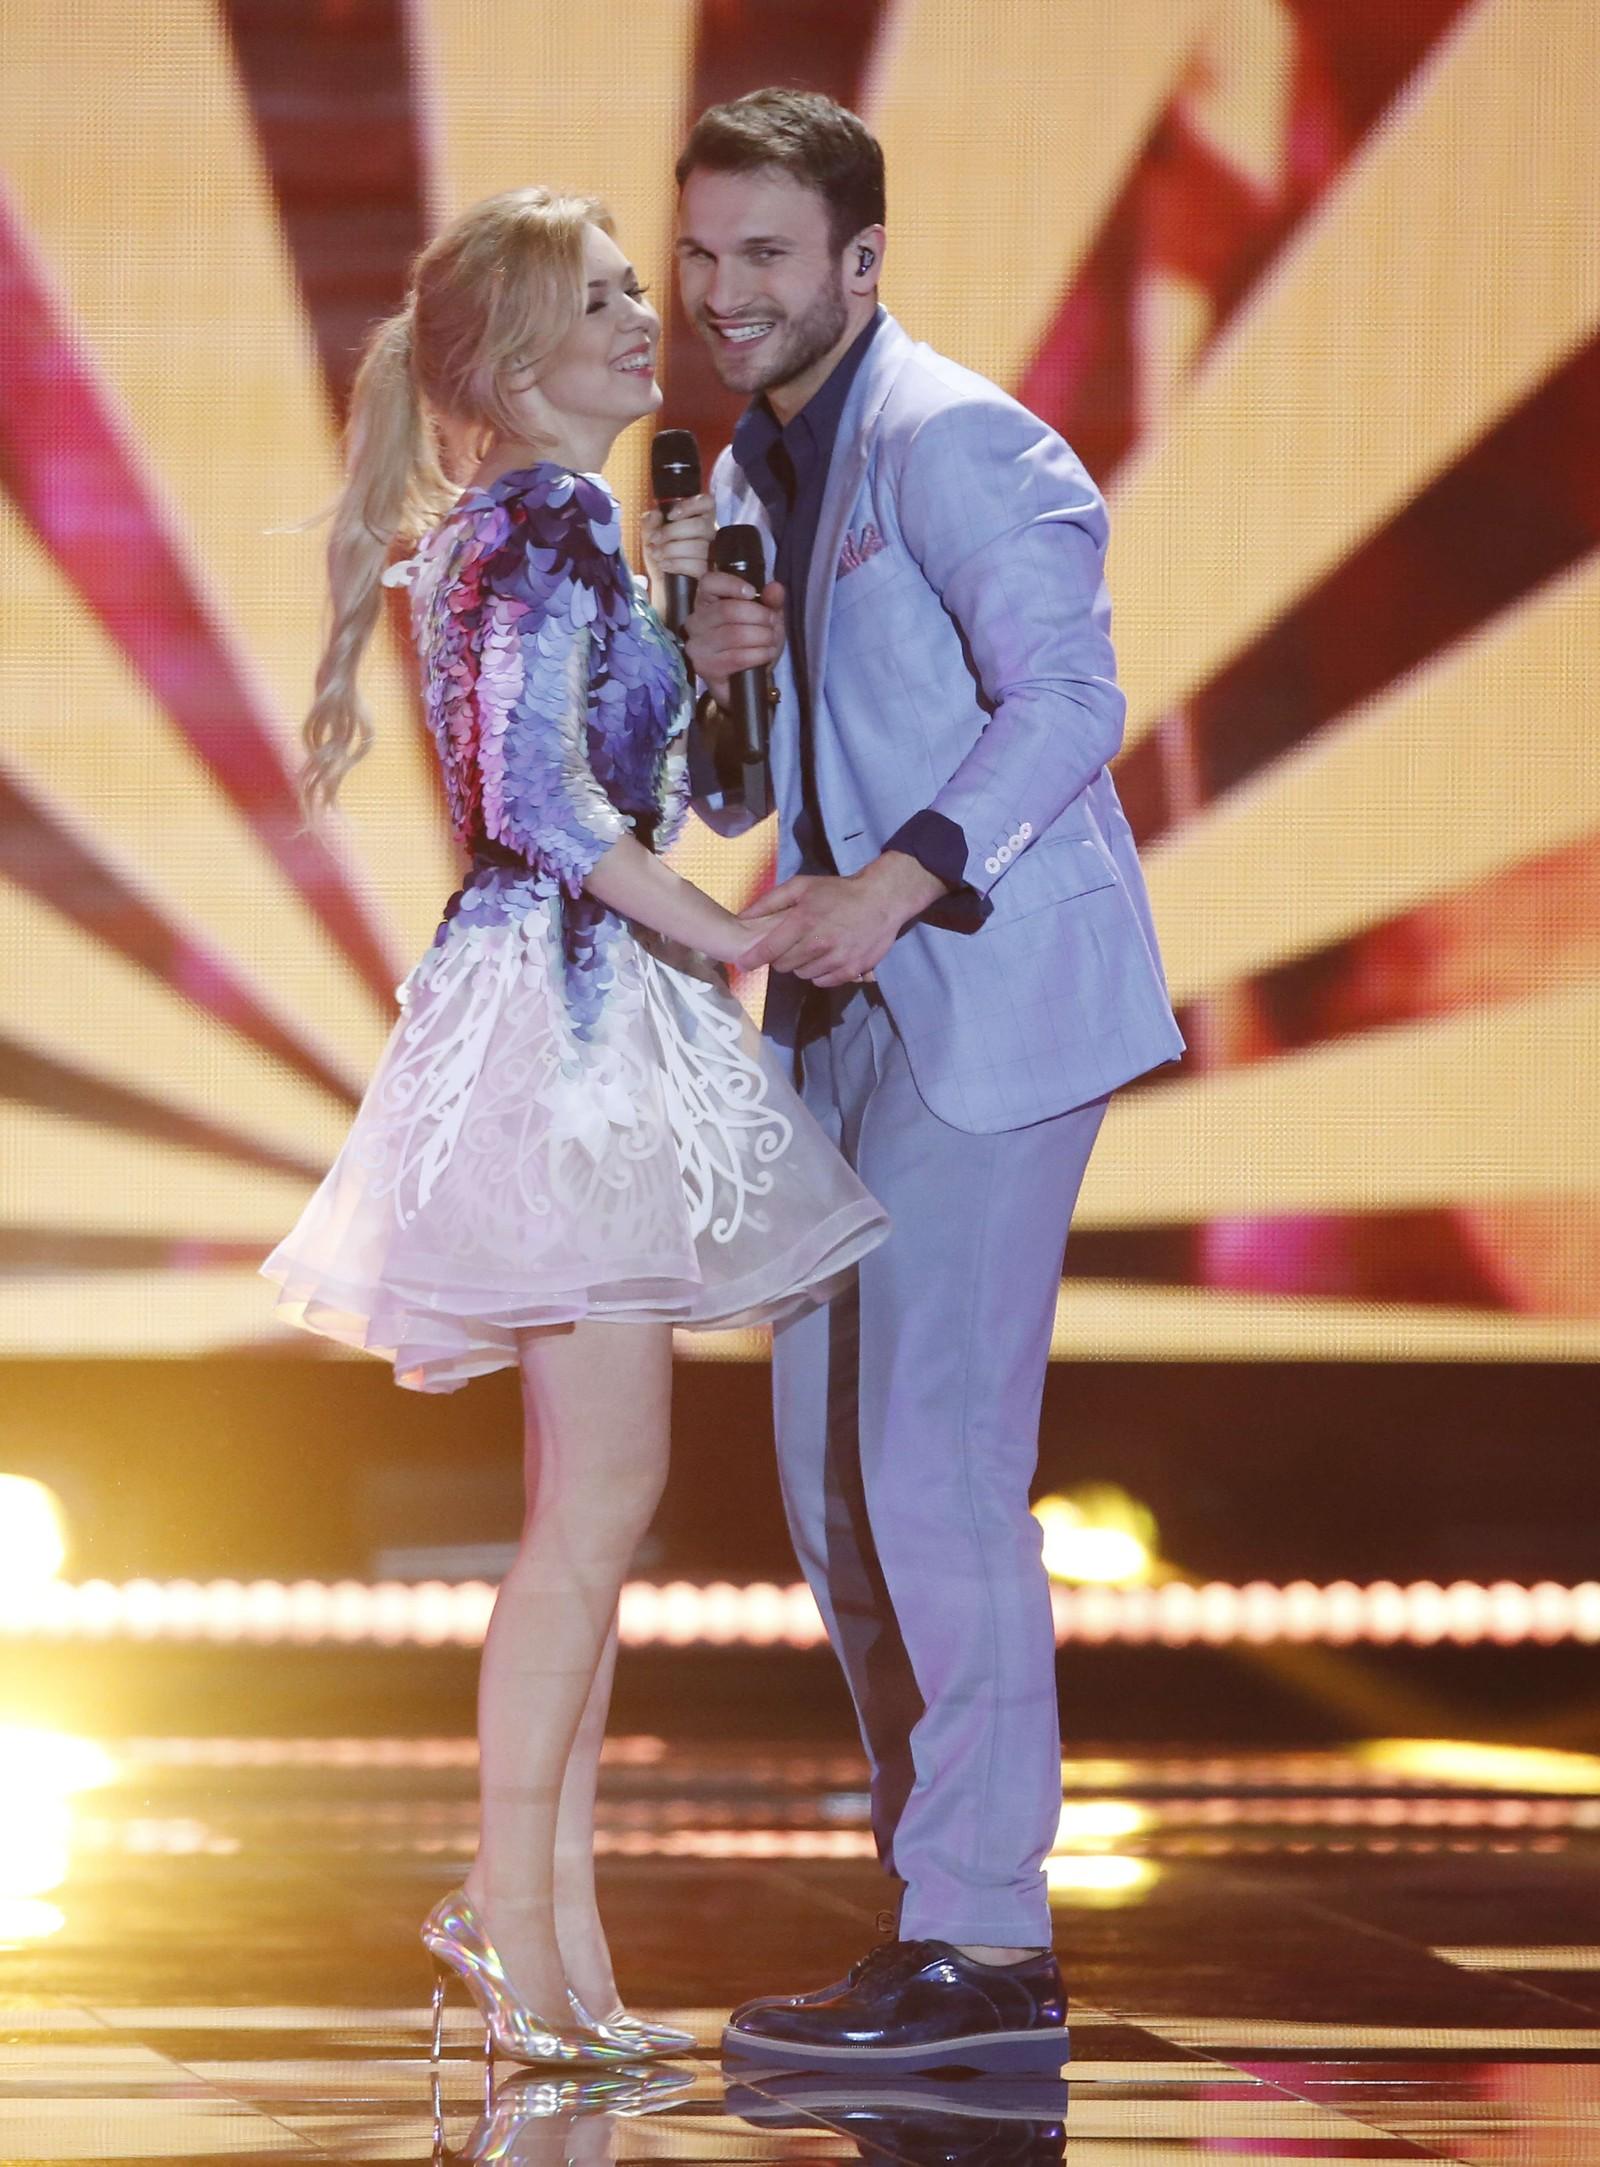 7. LITAUEN: Monika Linkytė og Vaidas Baumil fra Litauen framfører «This Time». Og de to byr ikke bare på sang, men også et realt kyss fra scenen.